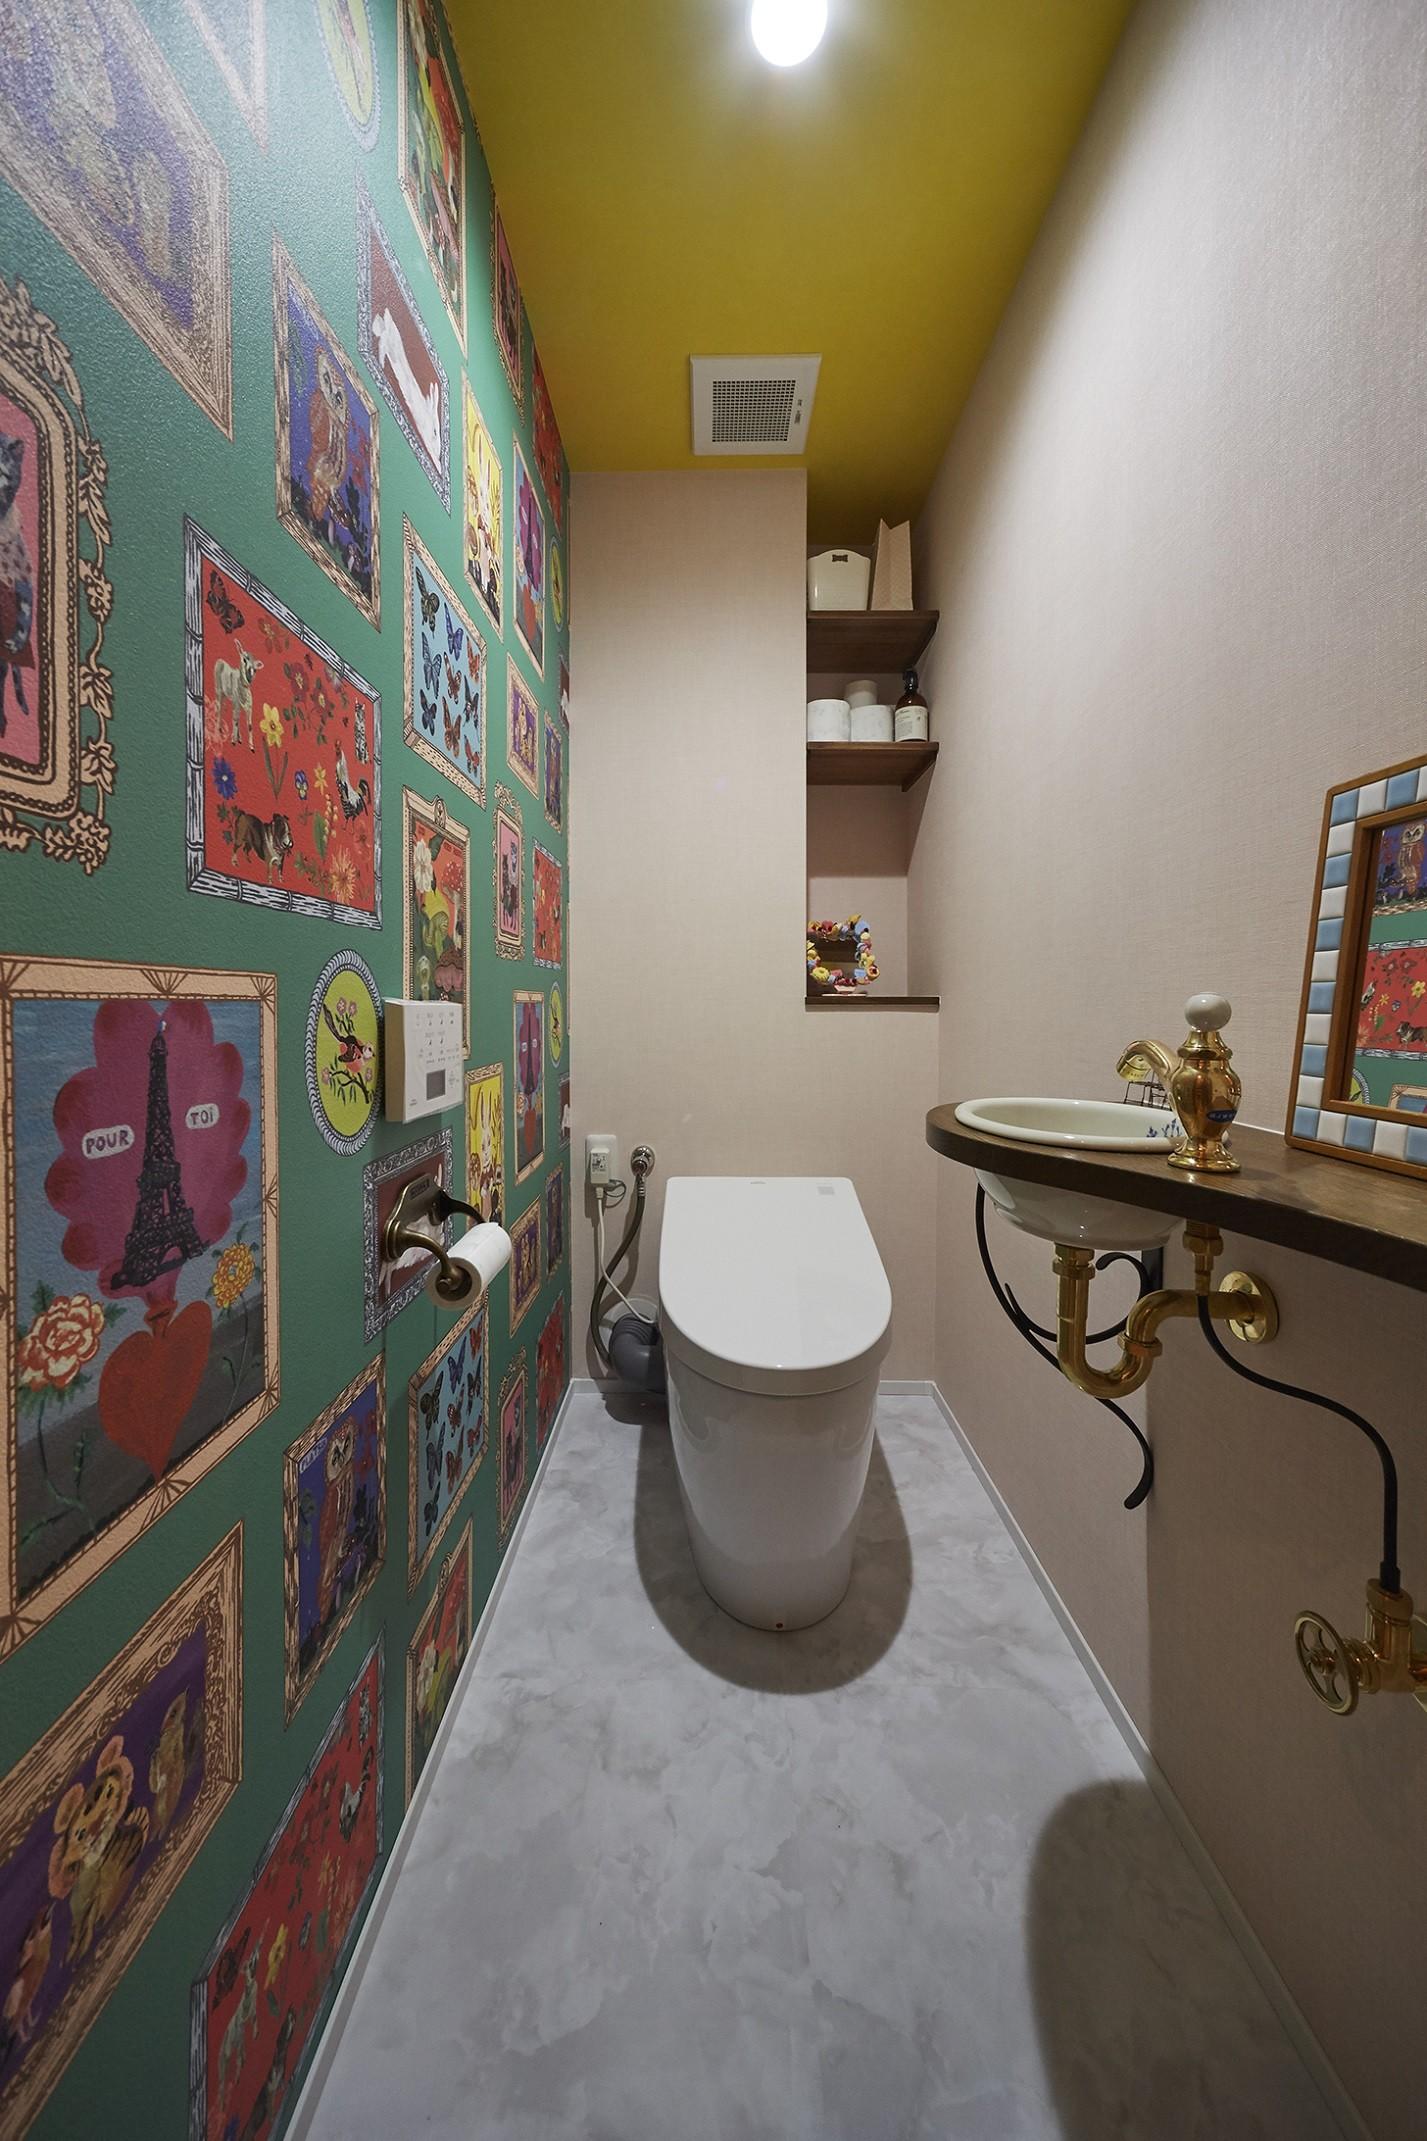 ナタリーレテの壁紙がインパクト大のポップなトイレ空間 おうち図書館